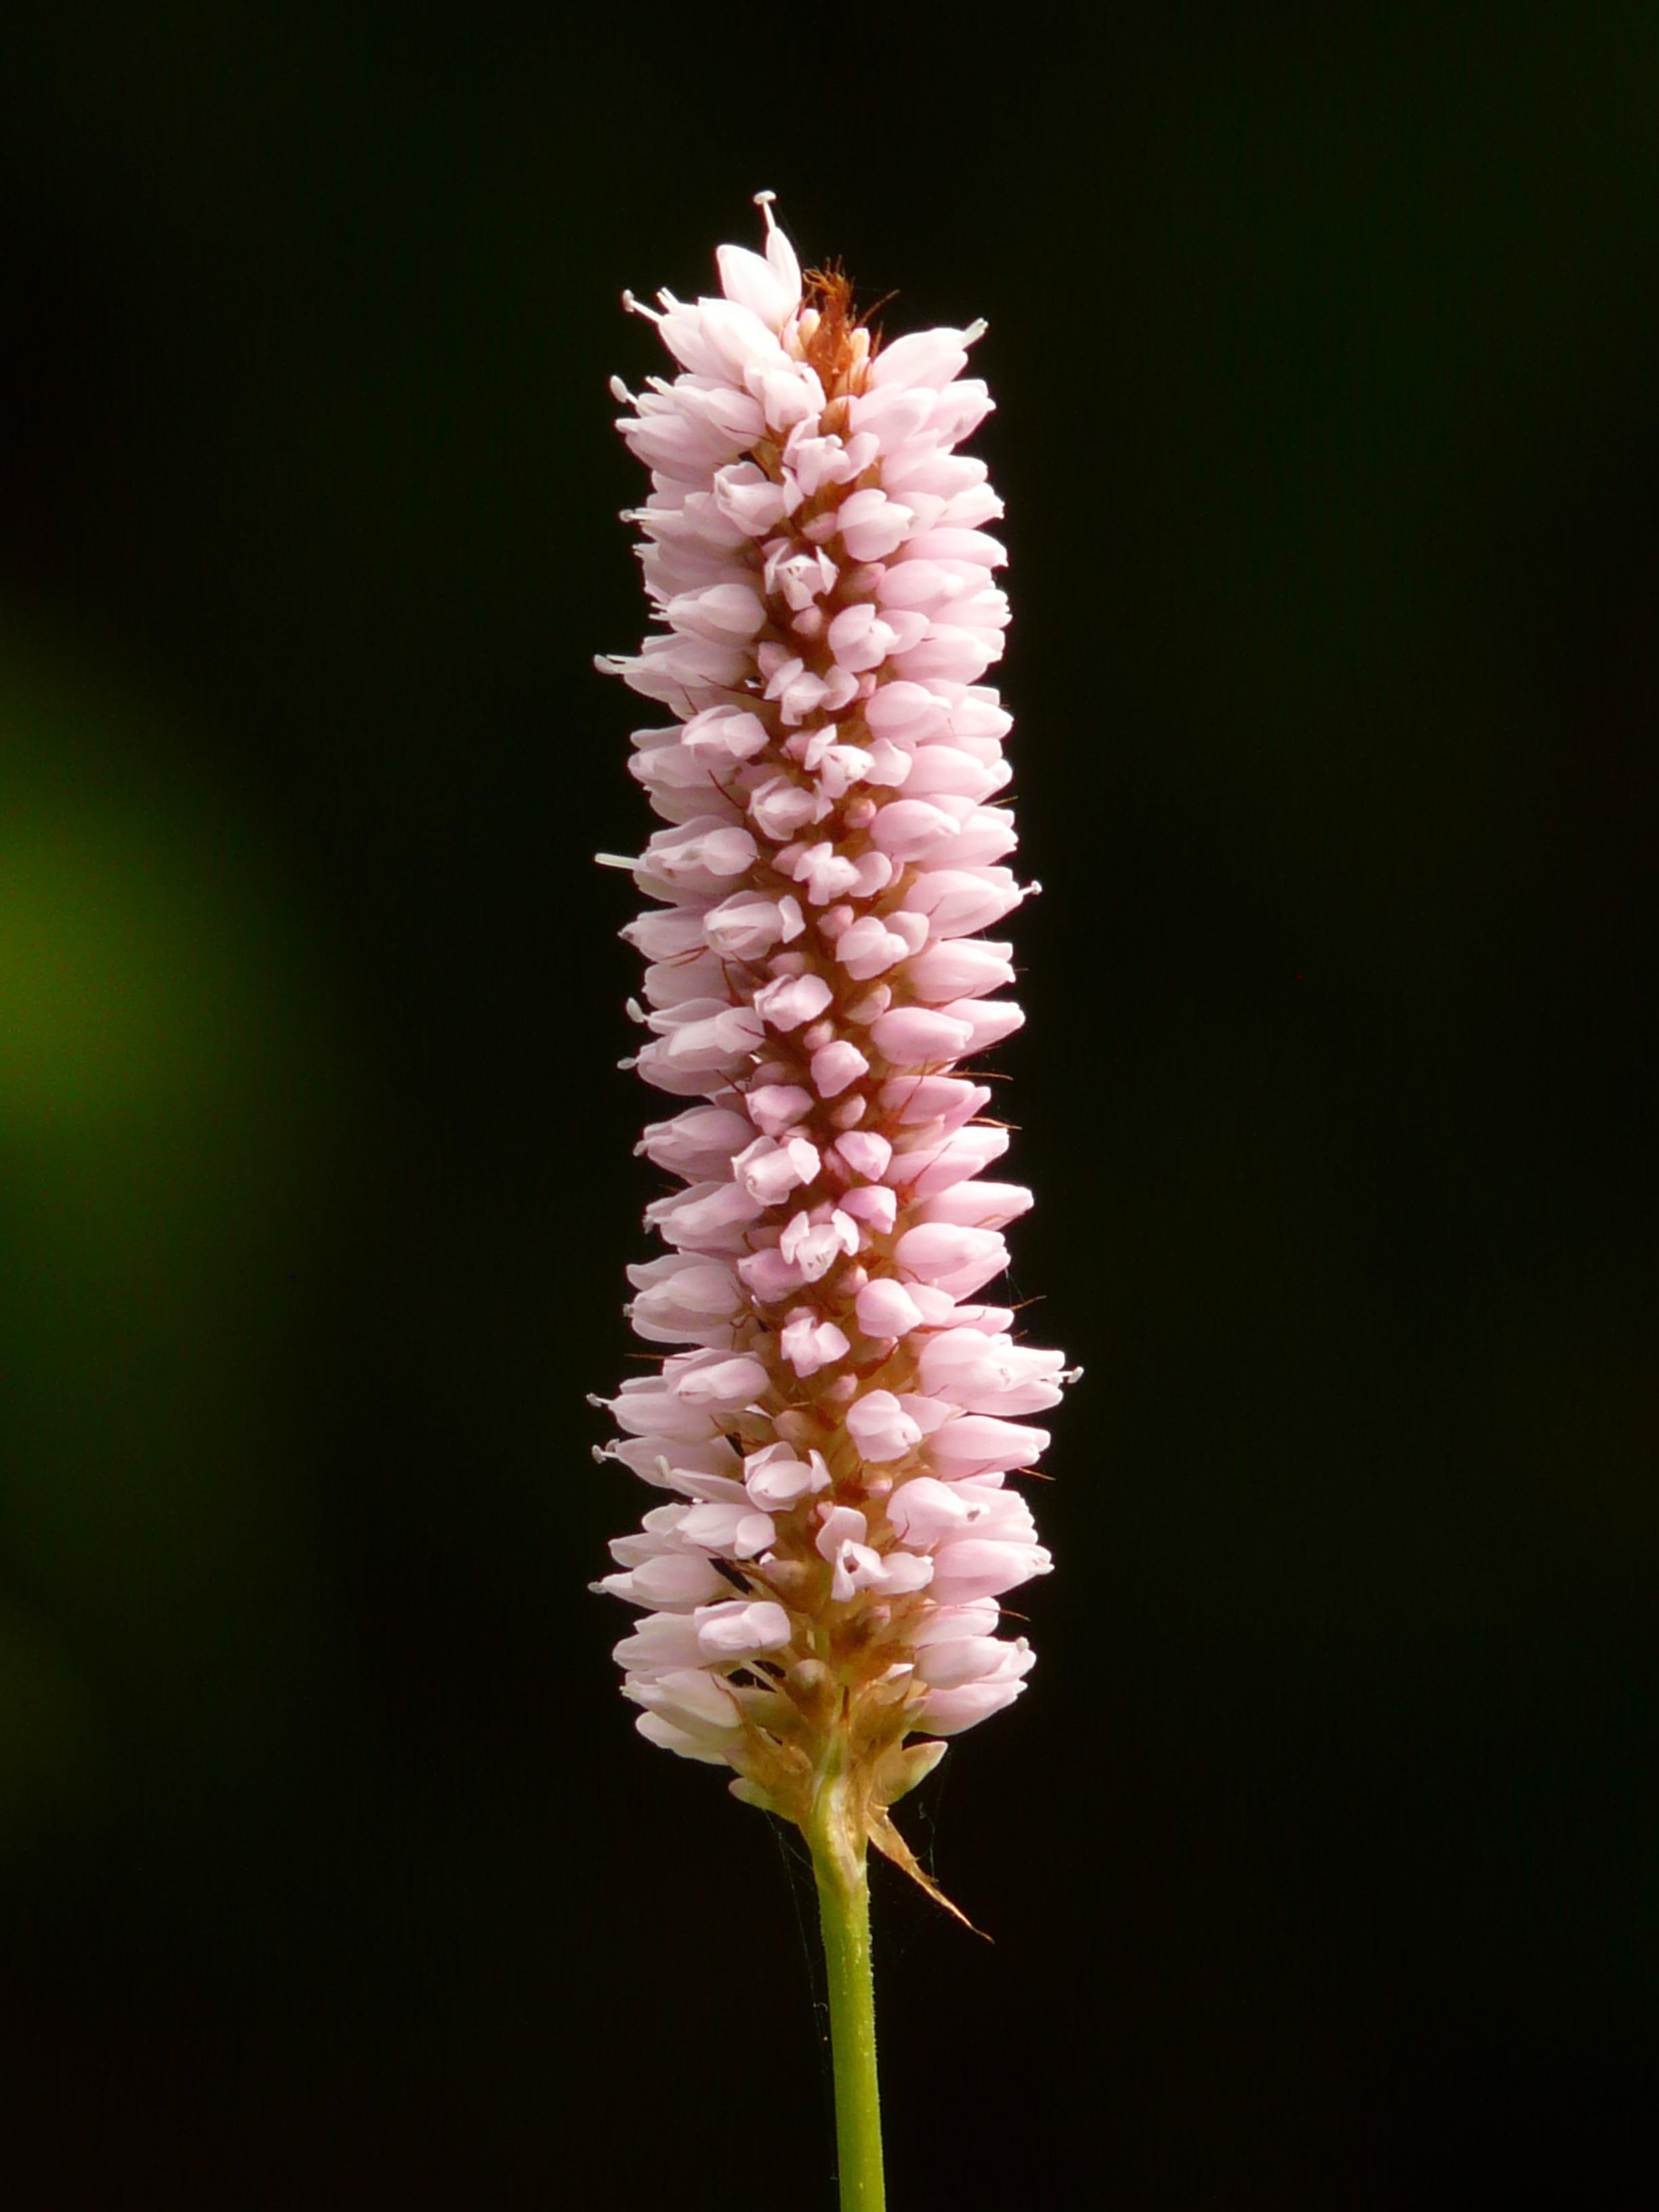 расселены соцветия фото и названия кайтганида